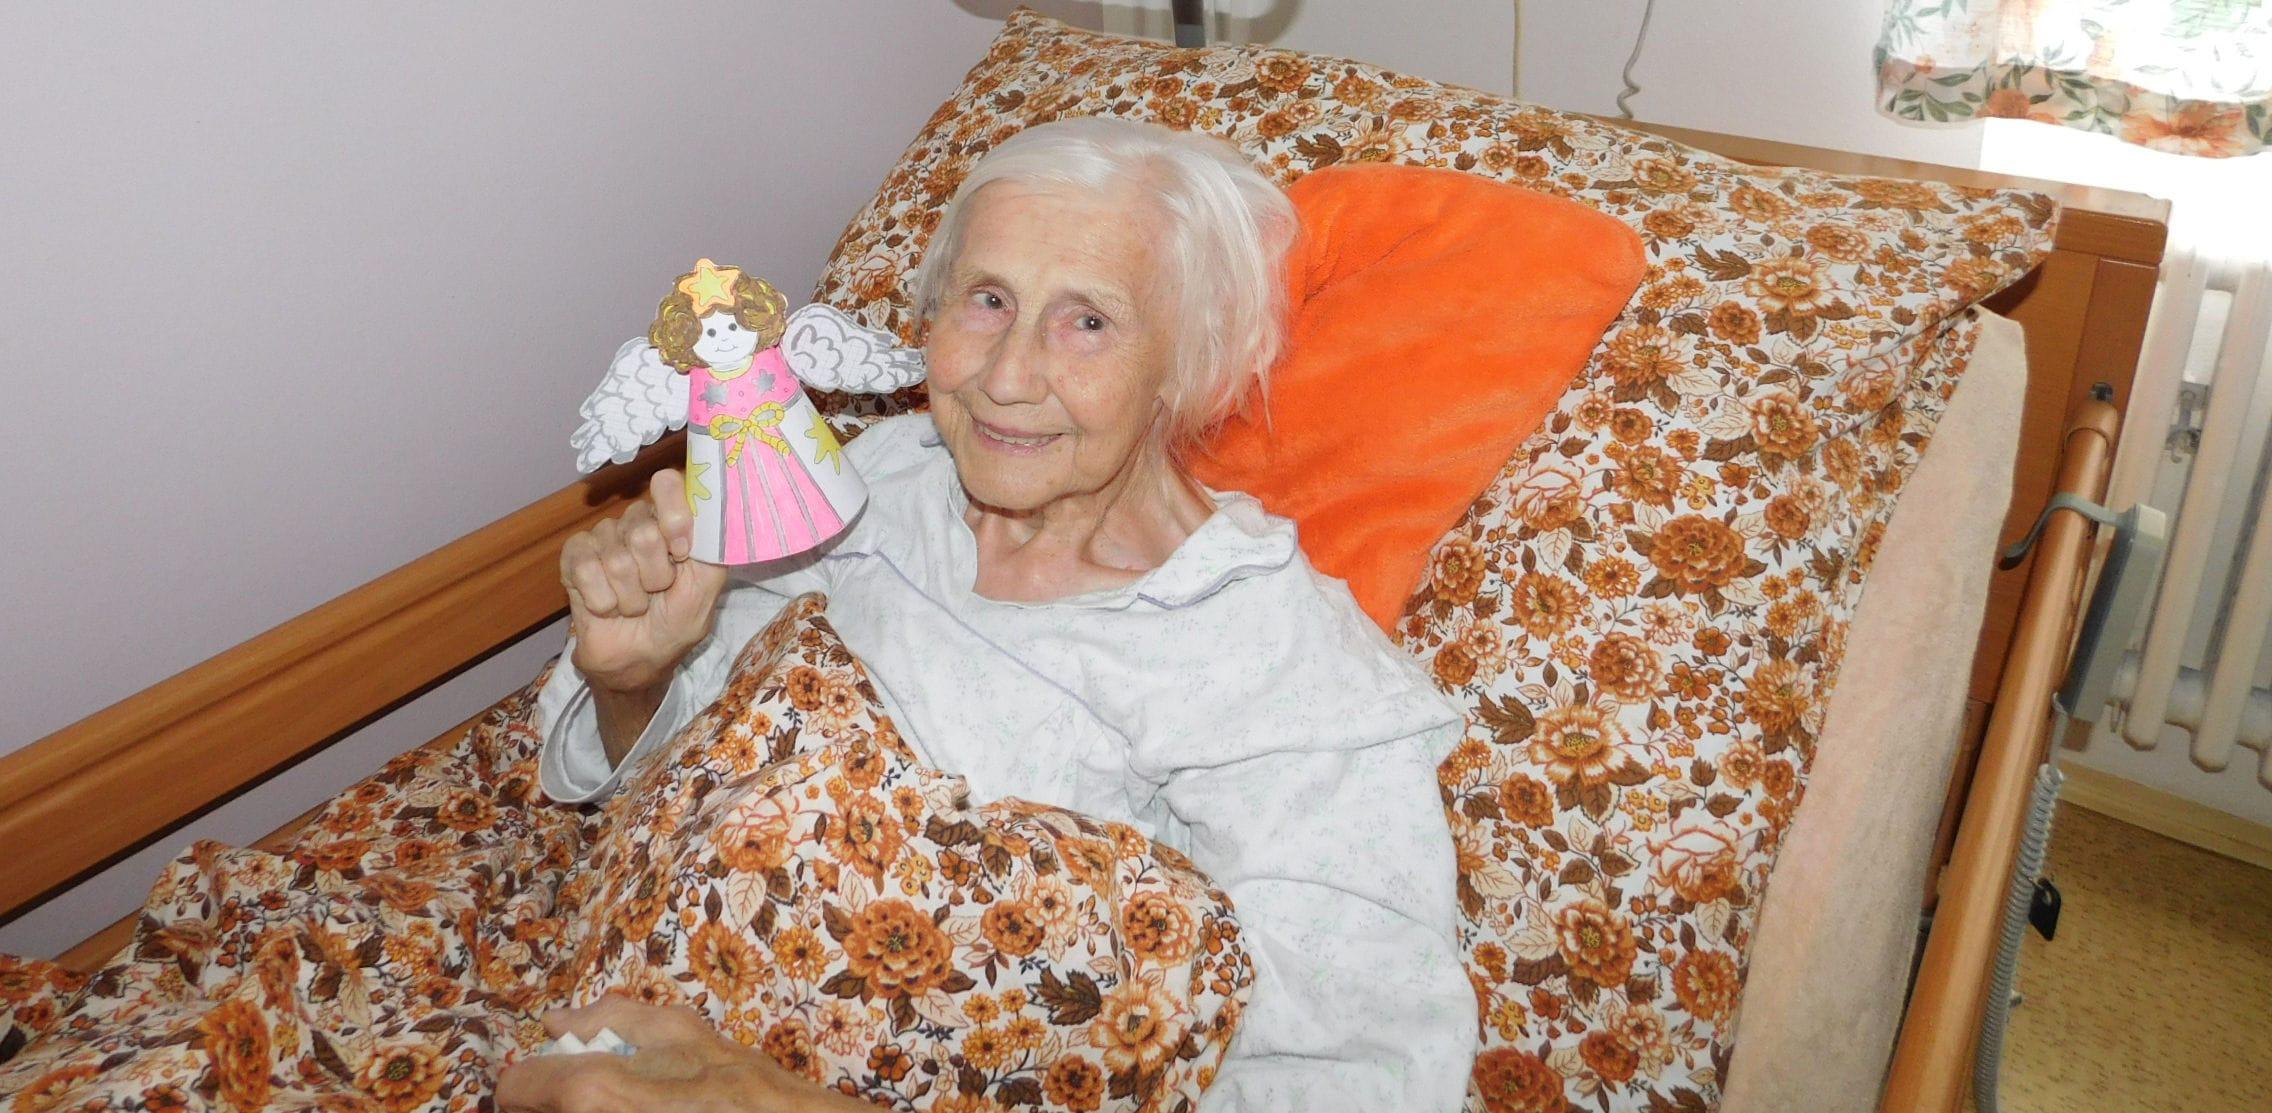 Domácí hospicová péče poskytuje komplexní služby v domácím prostředí